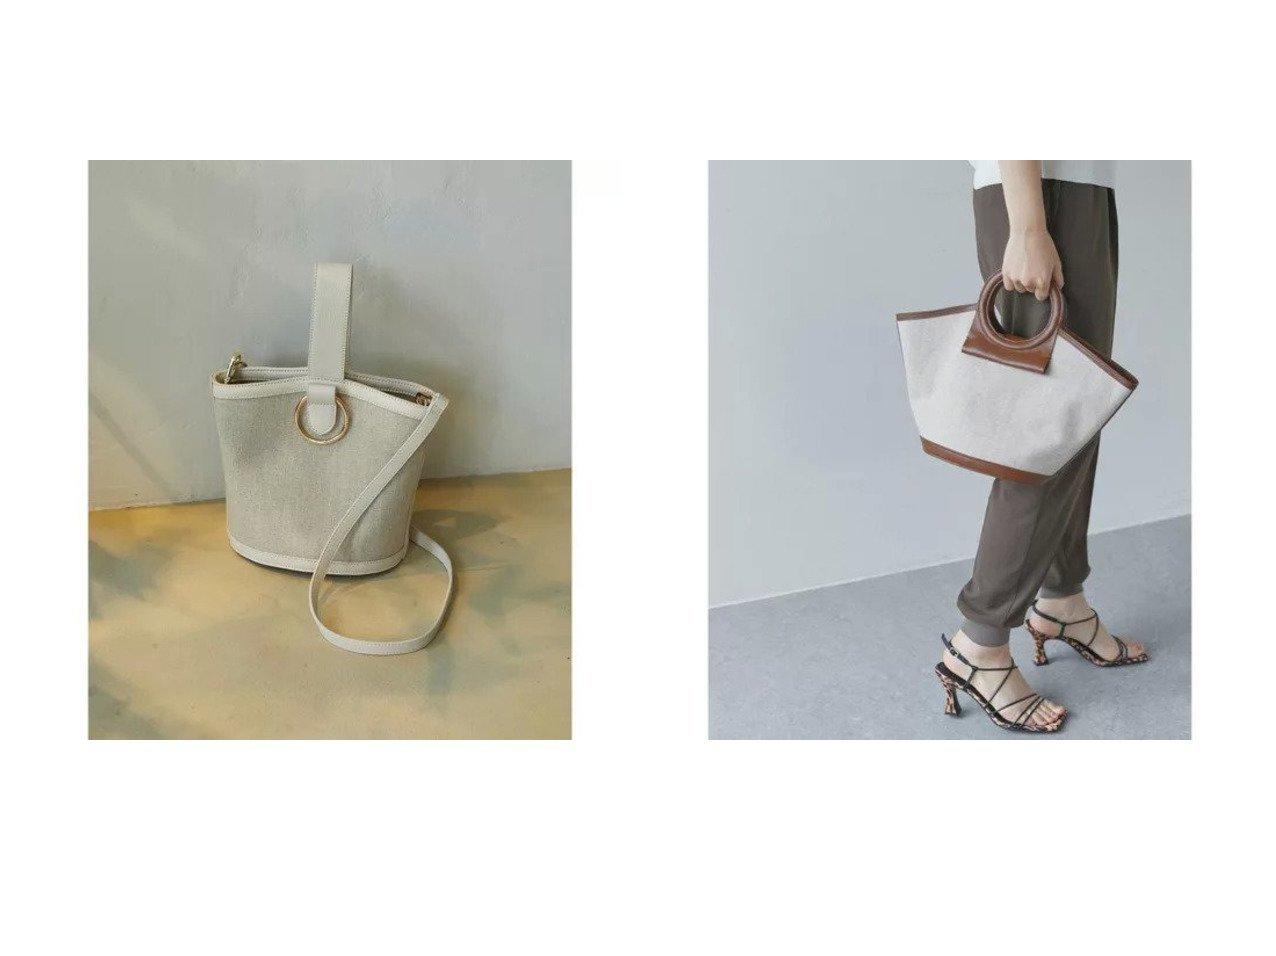 【GALLARDAGALANTE/ガリャルダガランテ】のリネンワンハンドルバッグ&リネンラウンドハンドルバッグ バッグ・鞄のおすすめ!人気、トレンド・レディースファッションの通販  おすすめで人気の流行・トレンド、ファッションの通販商品 メンズファッション・キッズファッション・インテリア・家具・レディースファッション・服の通販 founy(ファニー) https://founy.com/ ファッション Fashion レディースファッション WOMEN バッグ Bag ショルダー シンプル スマート 財布 パイピング ポケット ポーチ マグネット リネン ワンポイント サークル バランス |ID:crp329100000024526